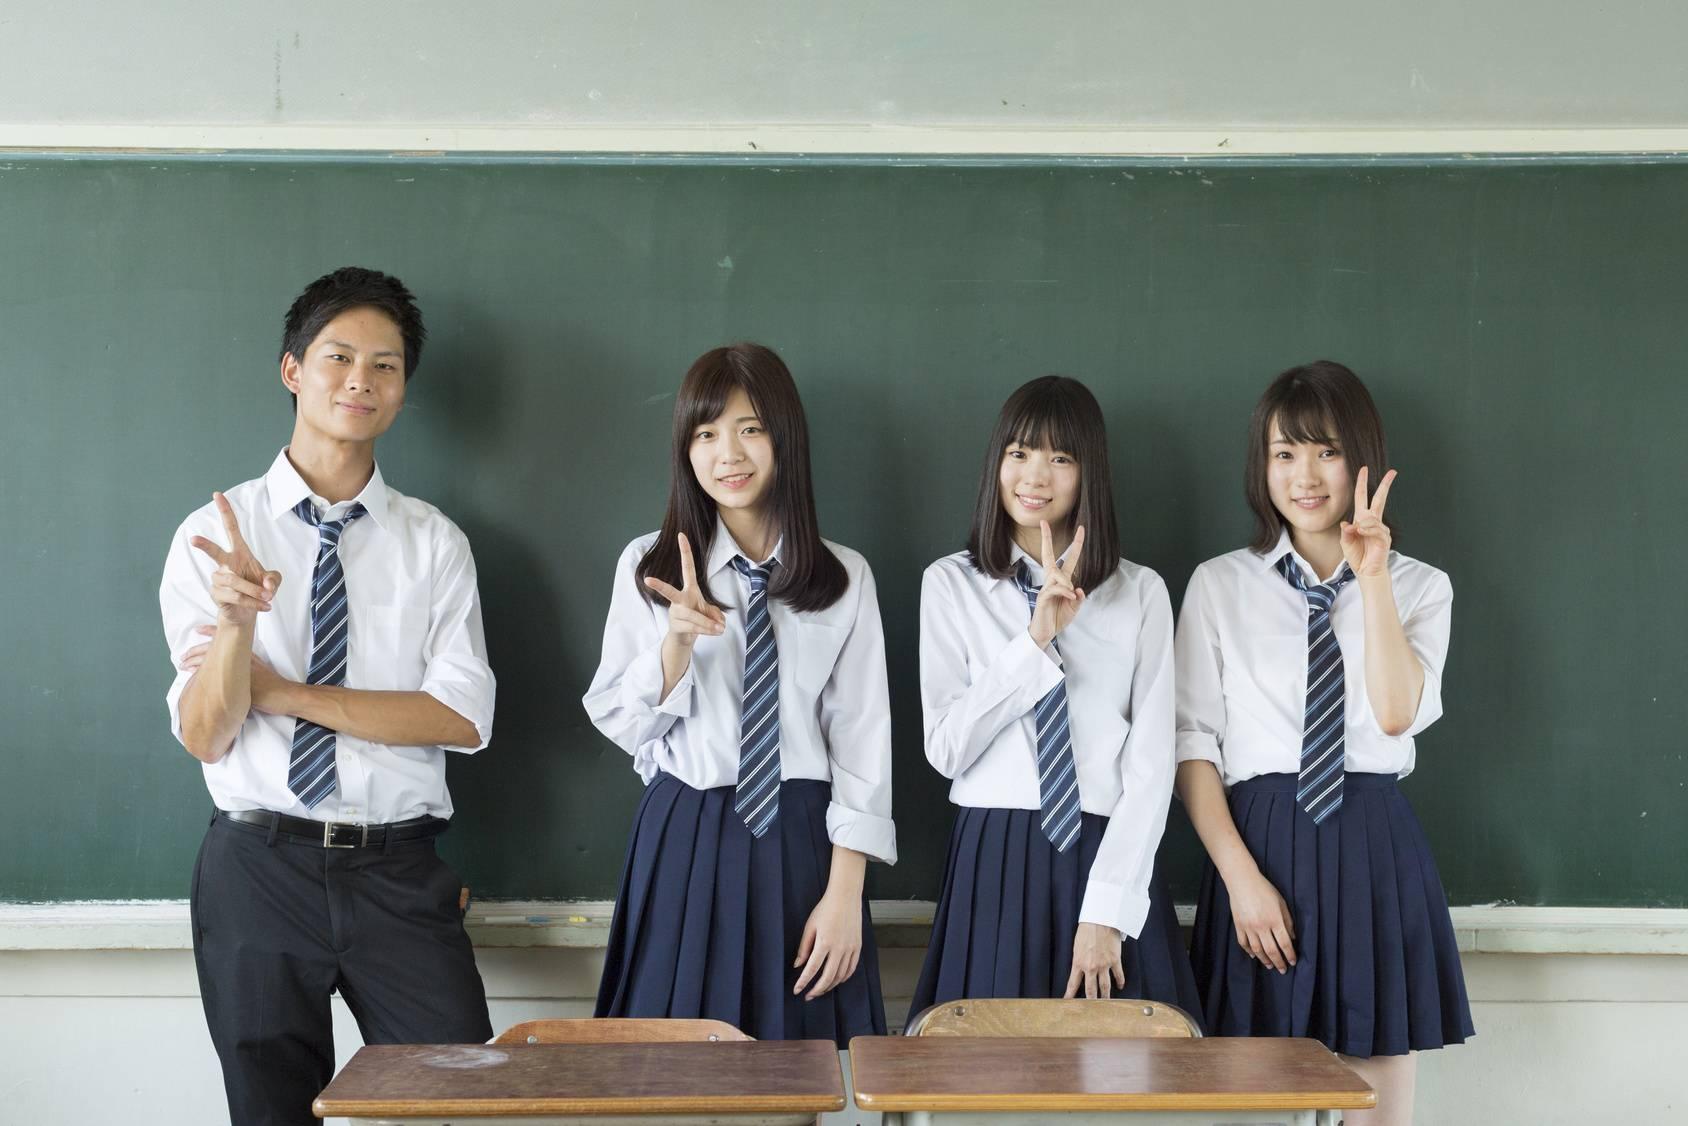 Образование в японии - особенности обучения, стоимость и перспективы